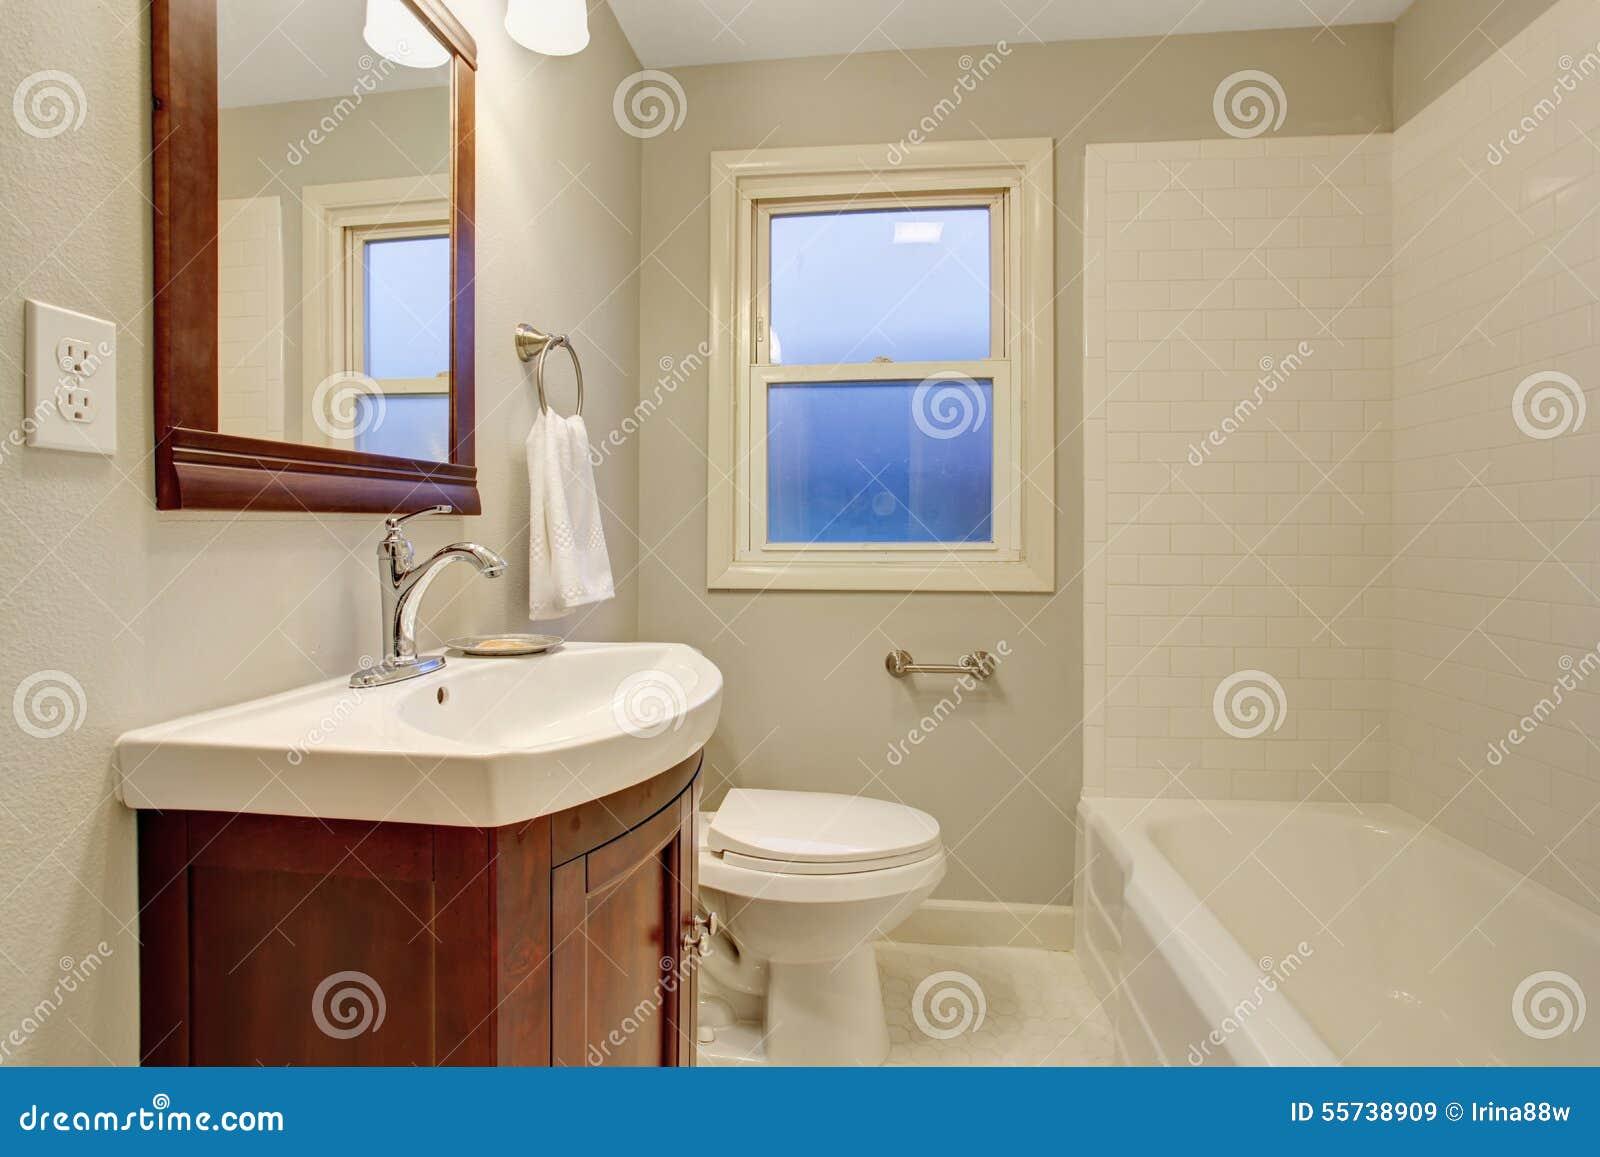 Mooie badkamers met tegelvloer stock foto afbeelding 55738909 - Mooie badkamers ...